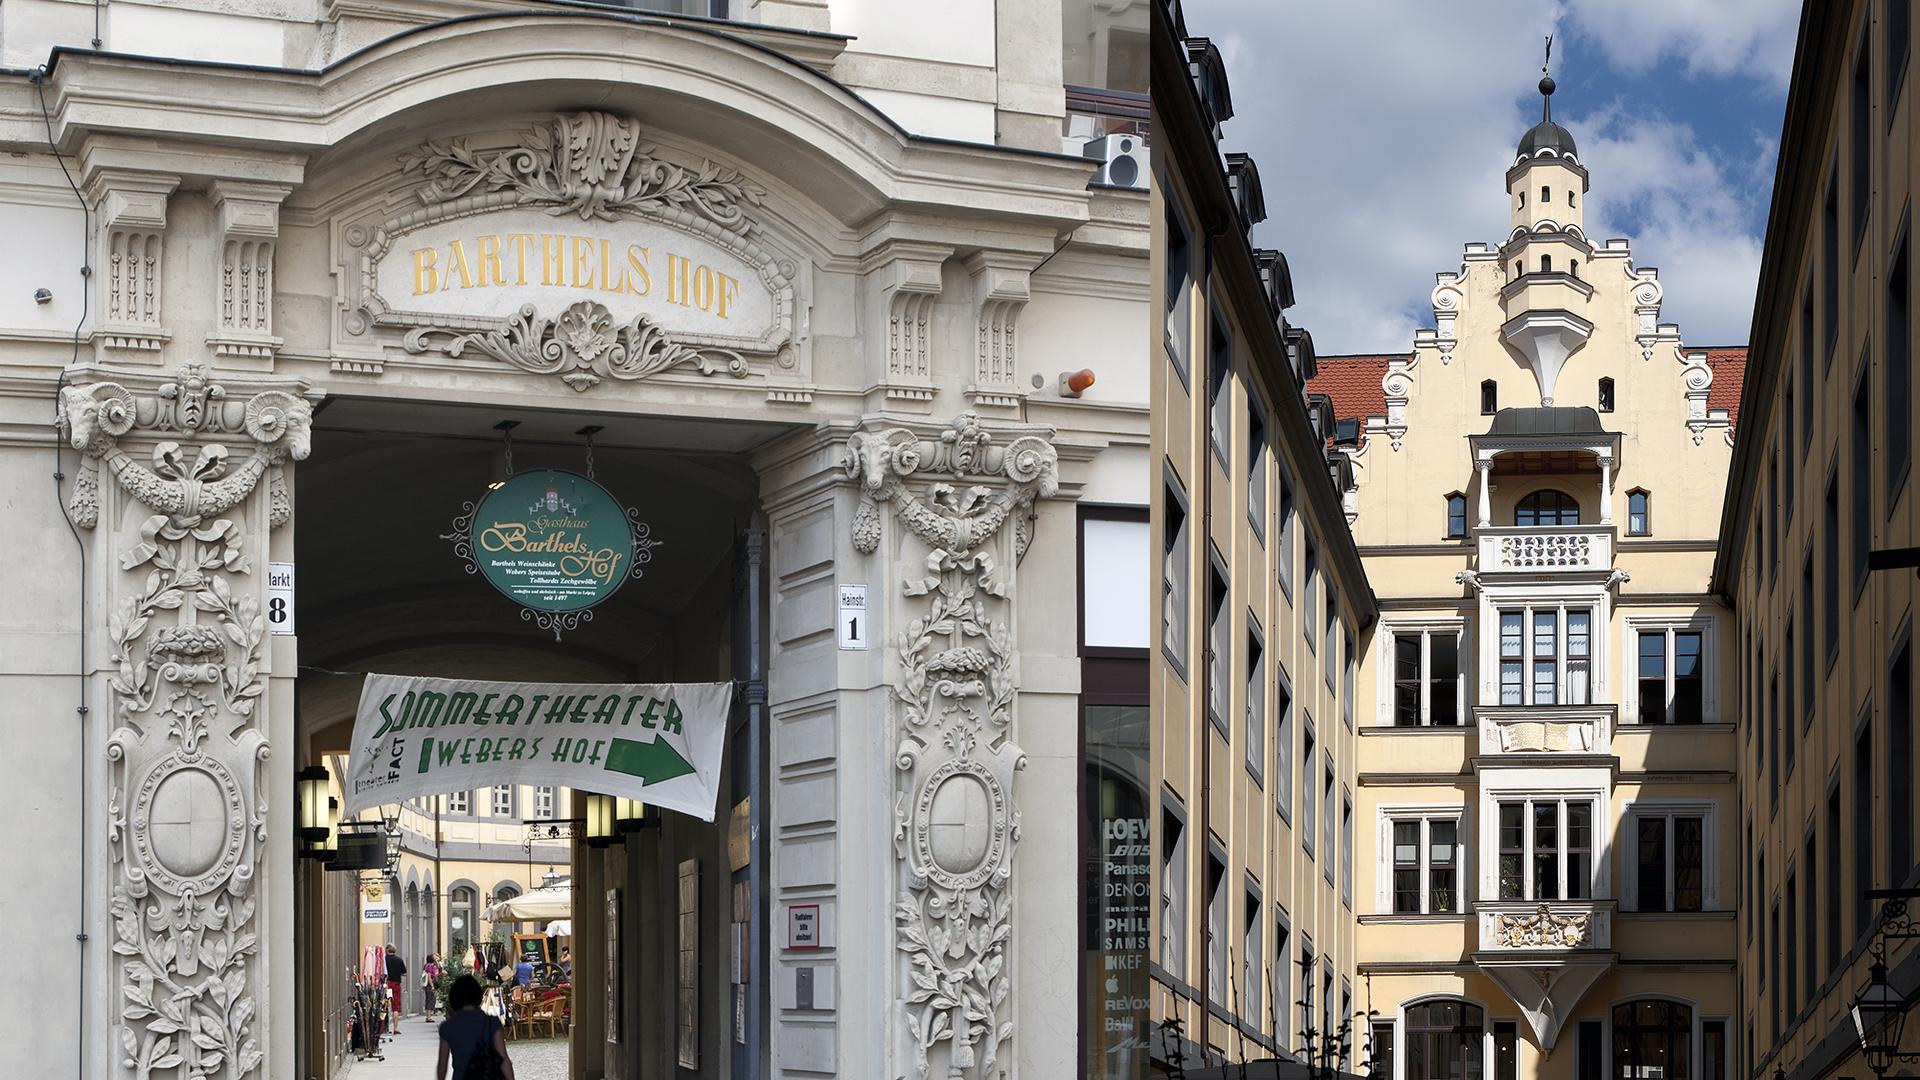 Barthels Hof, Leipzig